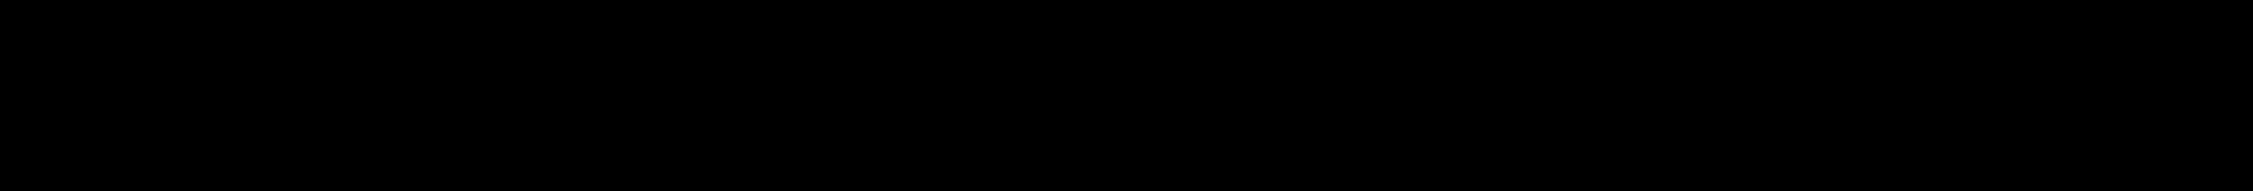 Sánchez Extra Light Italic